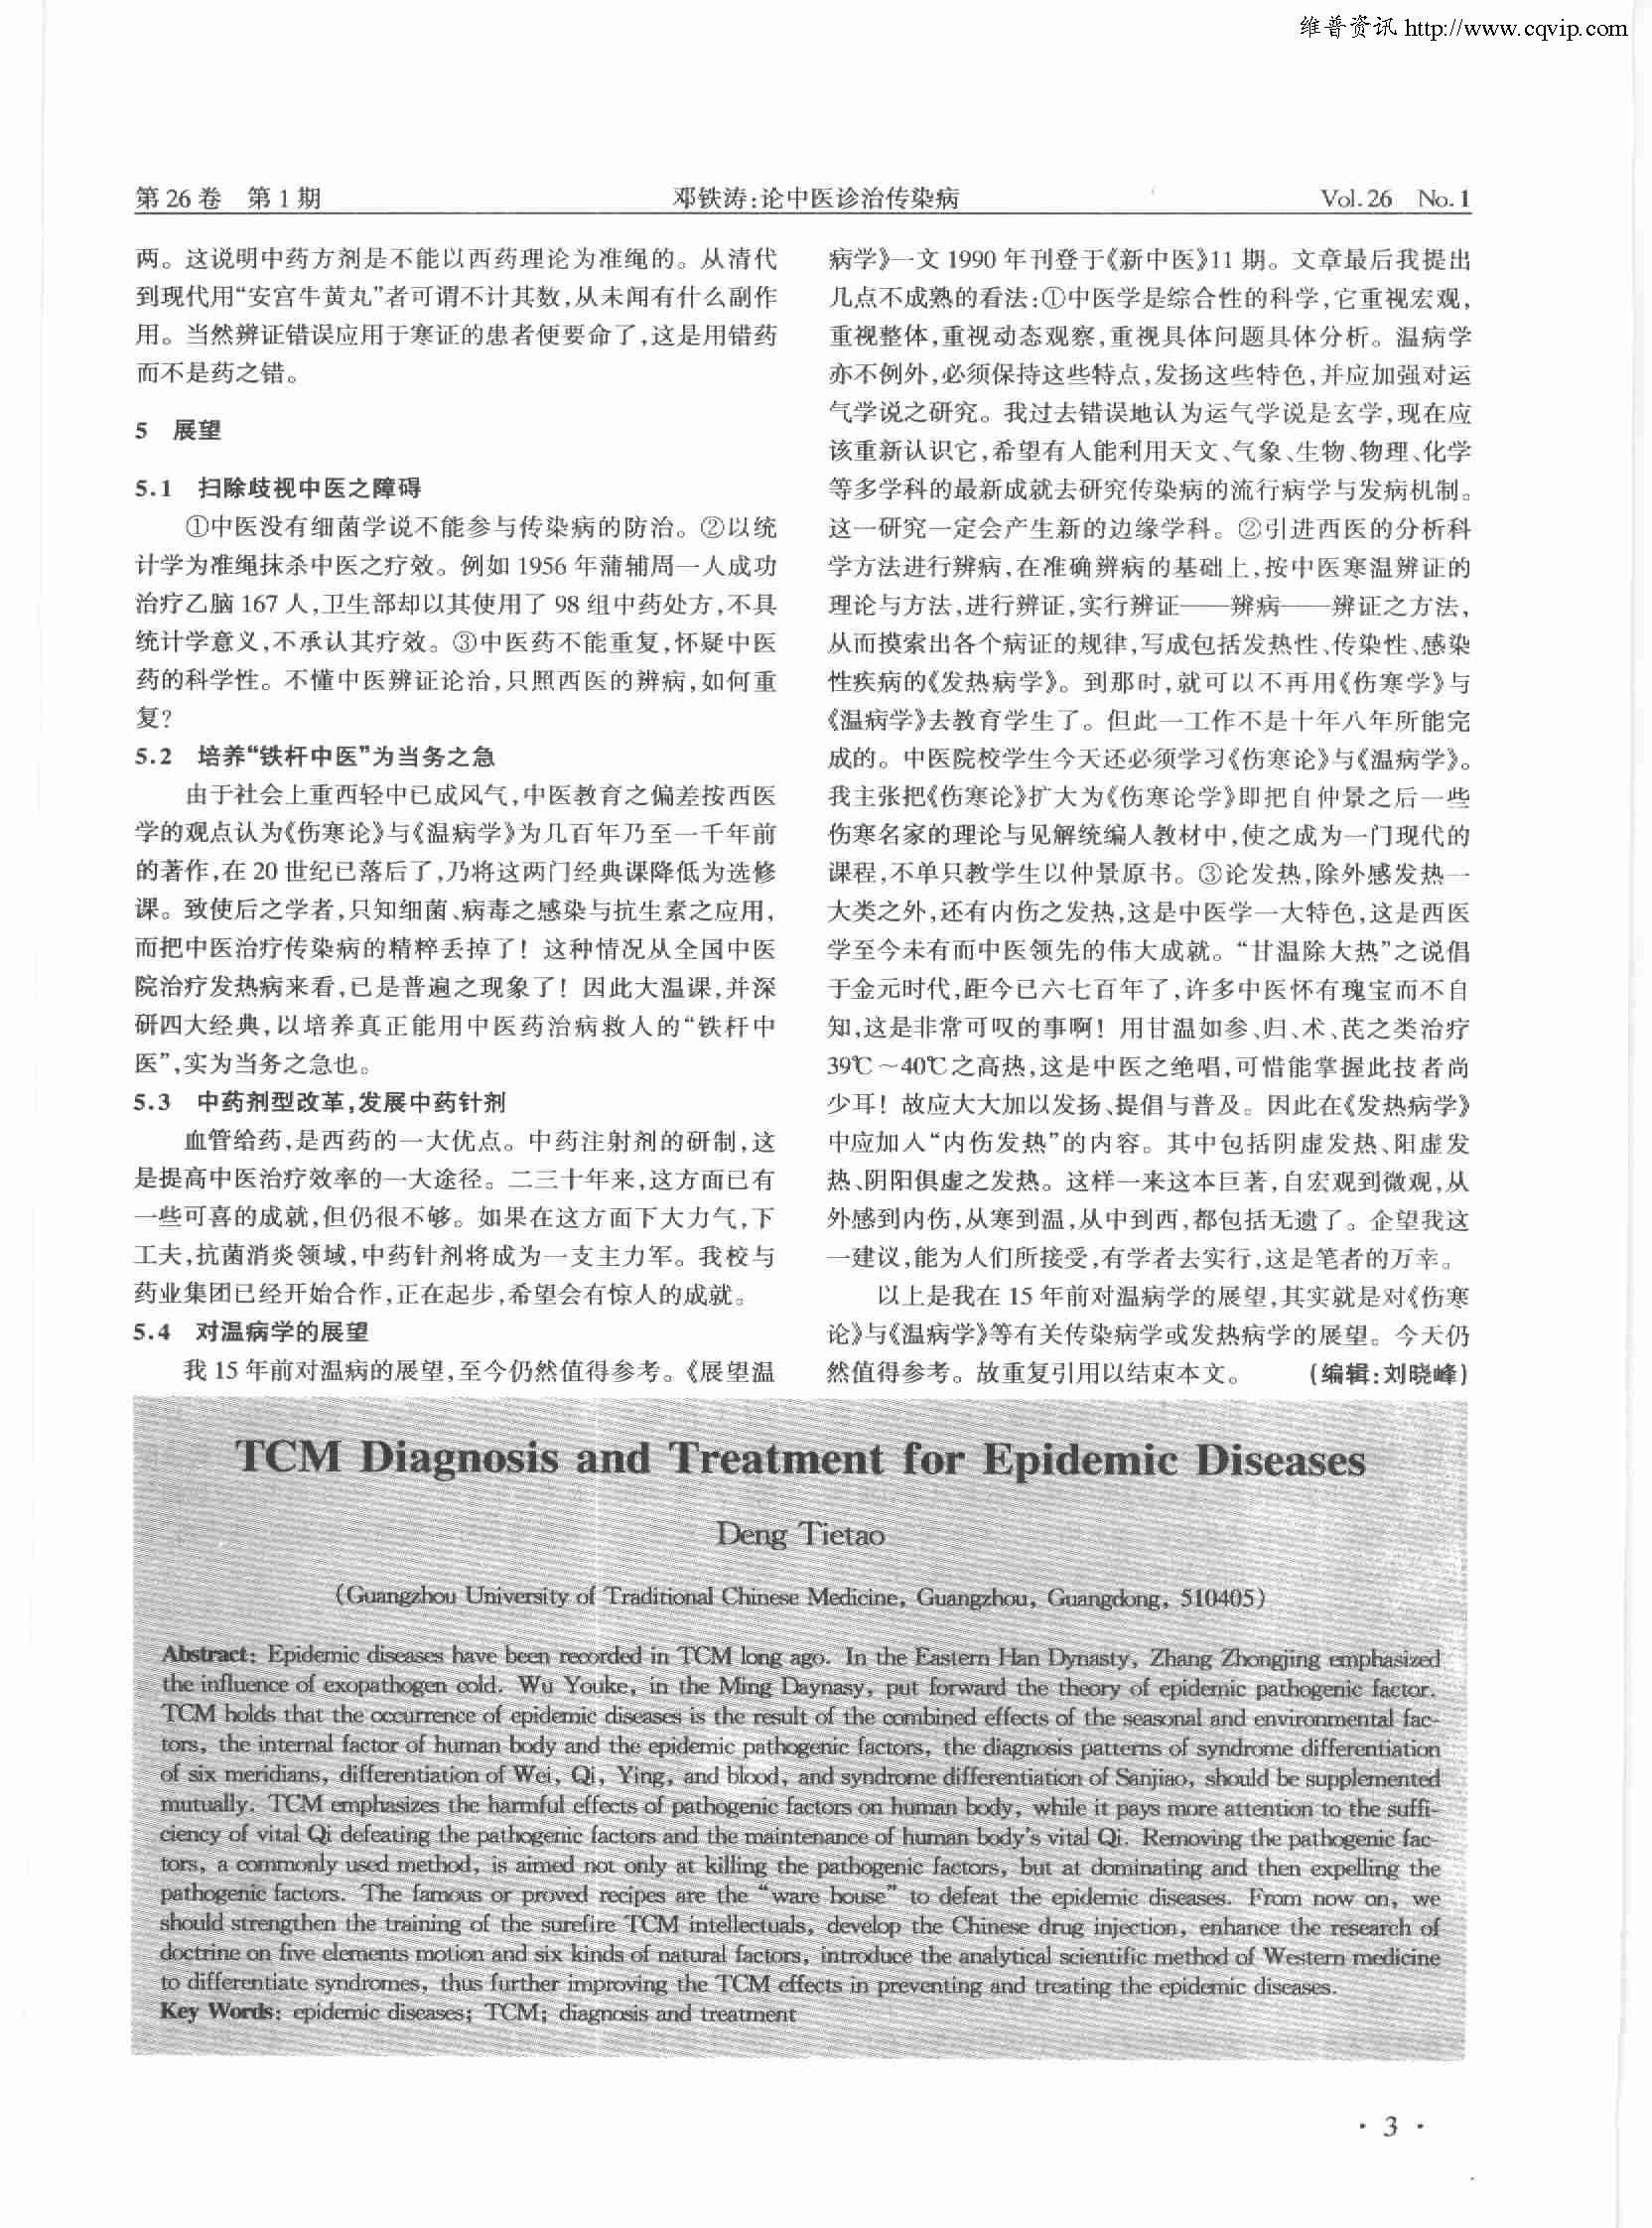 邓铁涛 论中医诊治传染病_Page_3.jpg